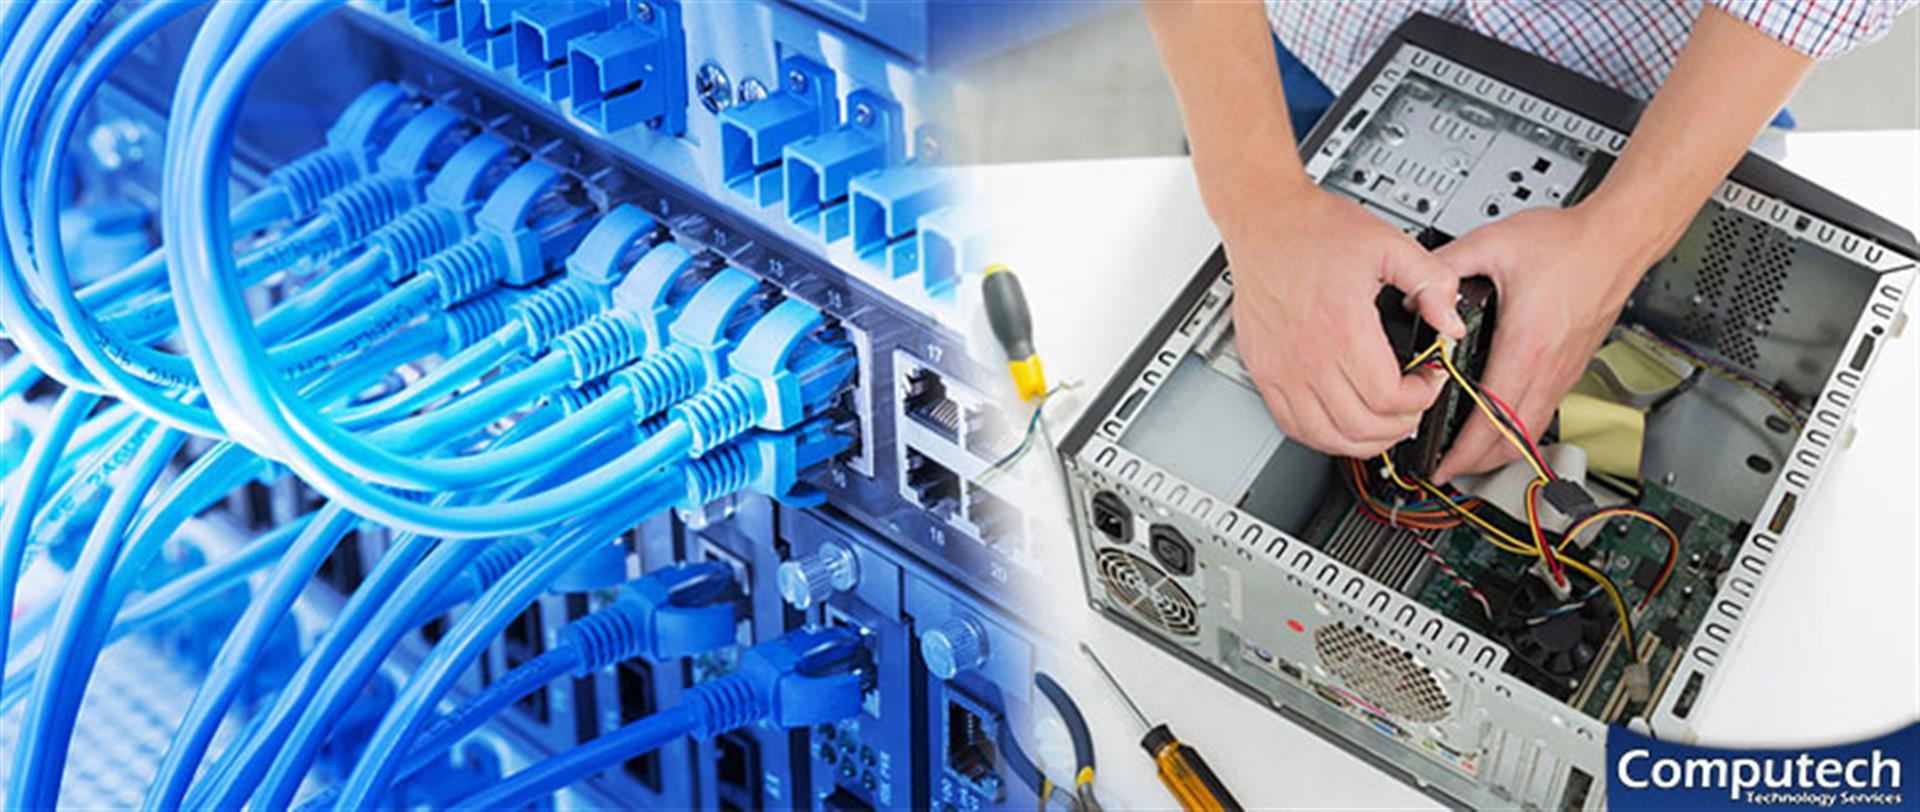 Wickenburg Arizona Onsite PC & Printer Repair, Networks, Telecom and Broadband Data Wiring Solutions